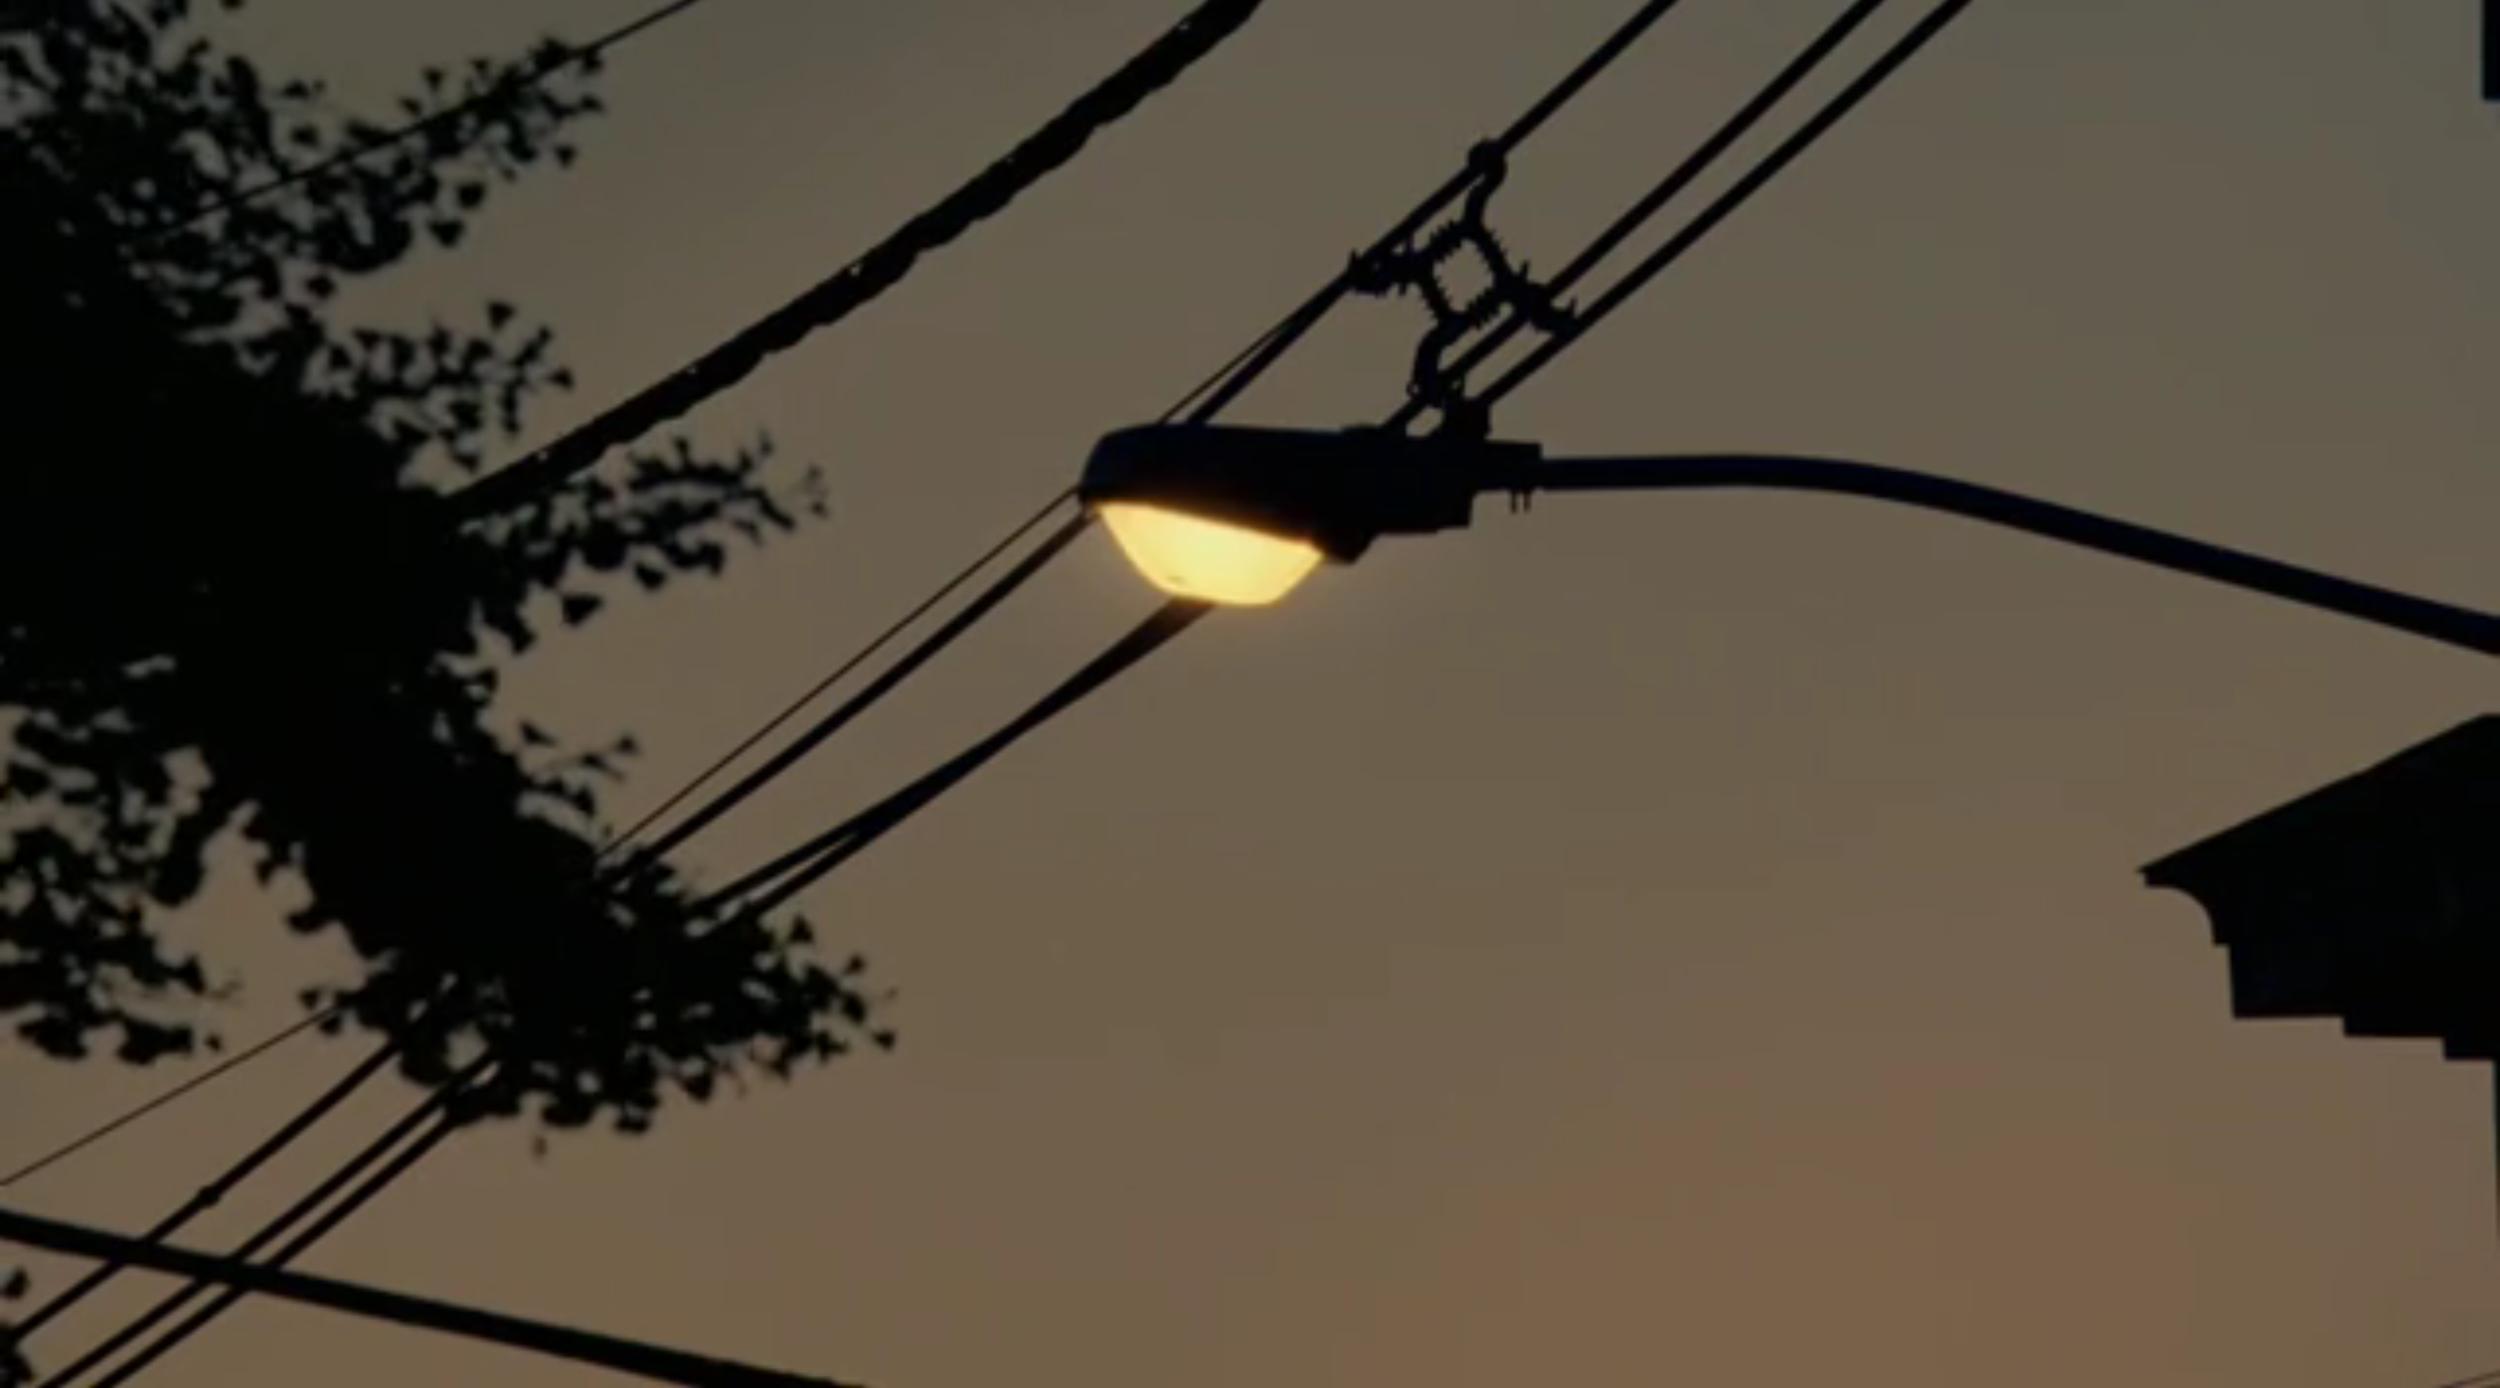 Screen Shot 2015-06-08 at 3.00.04 PM.png